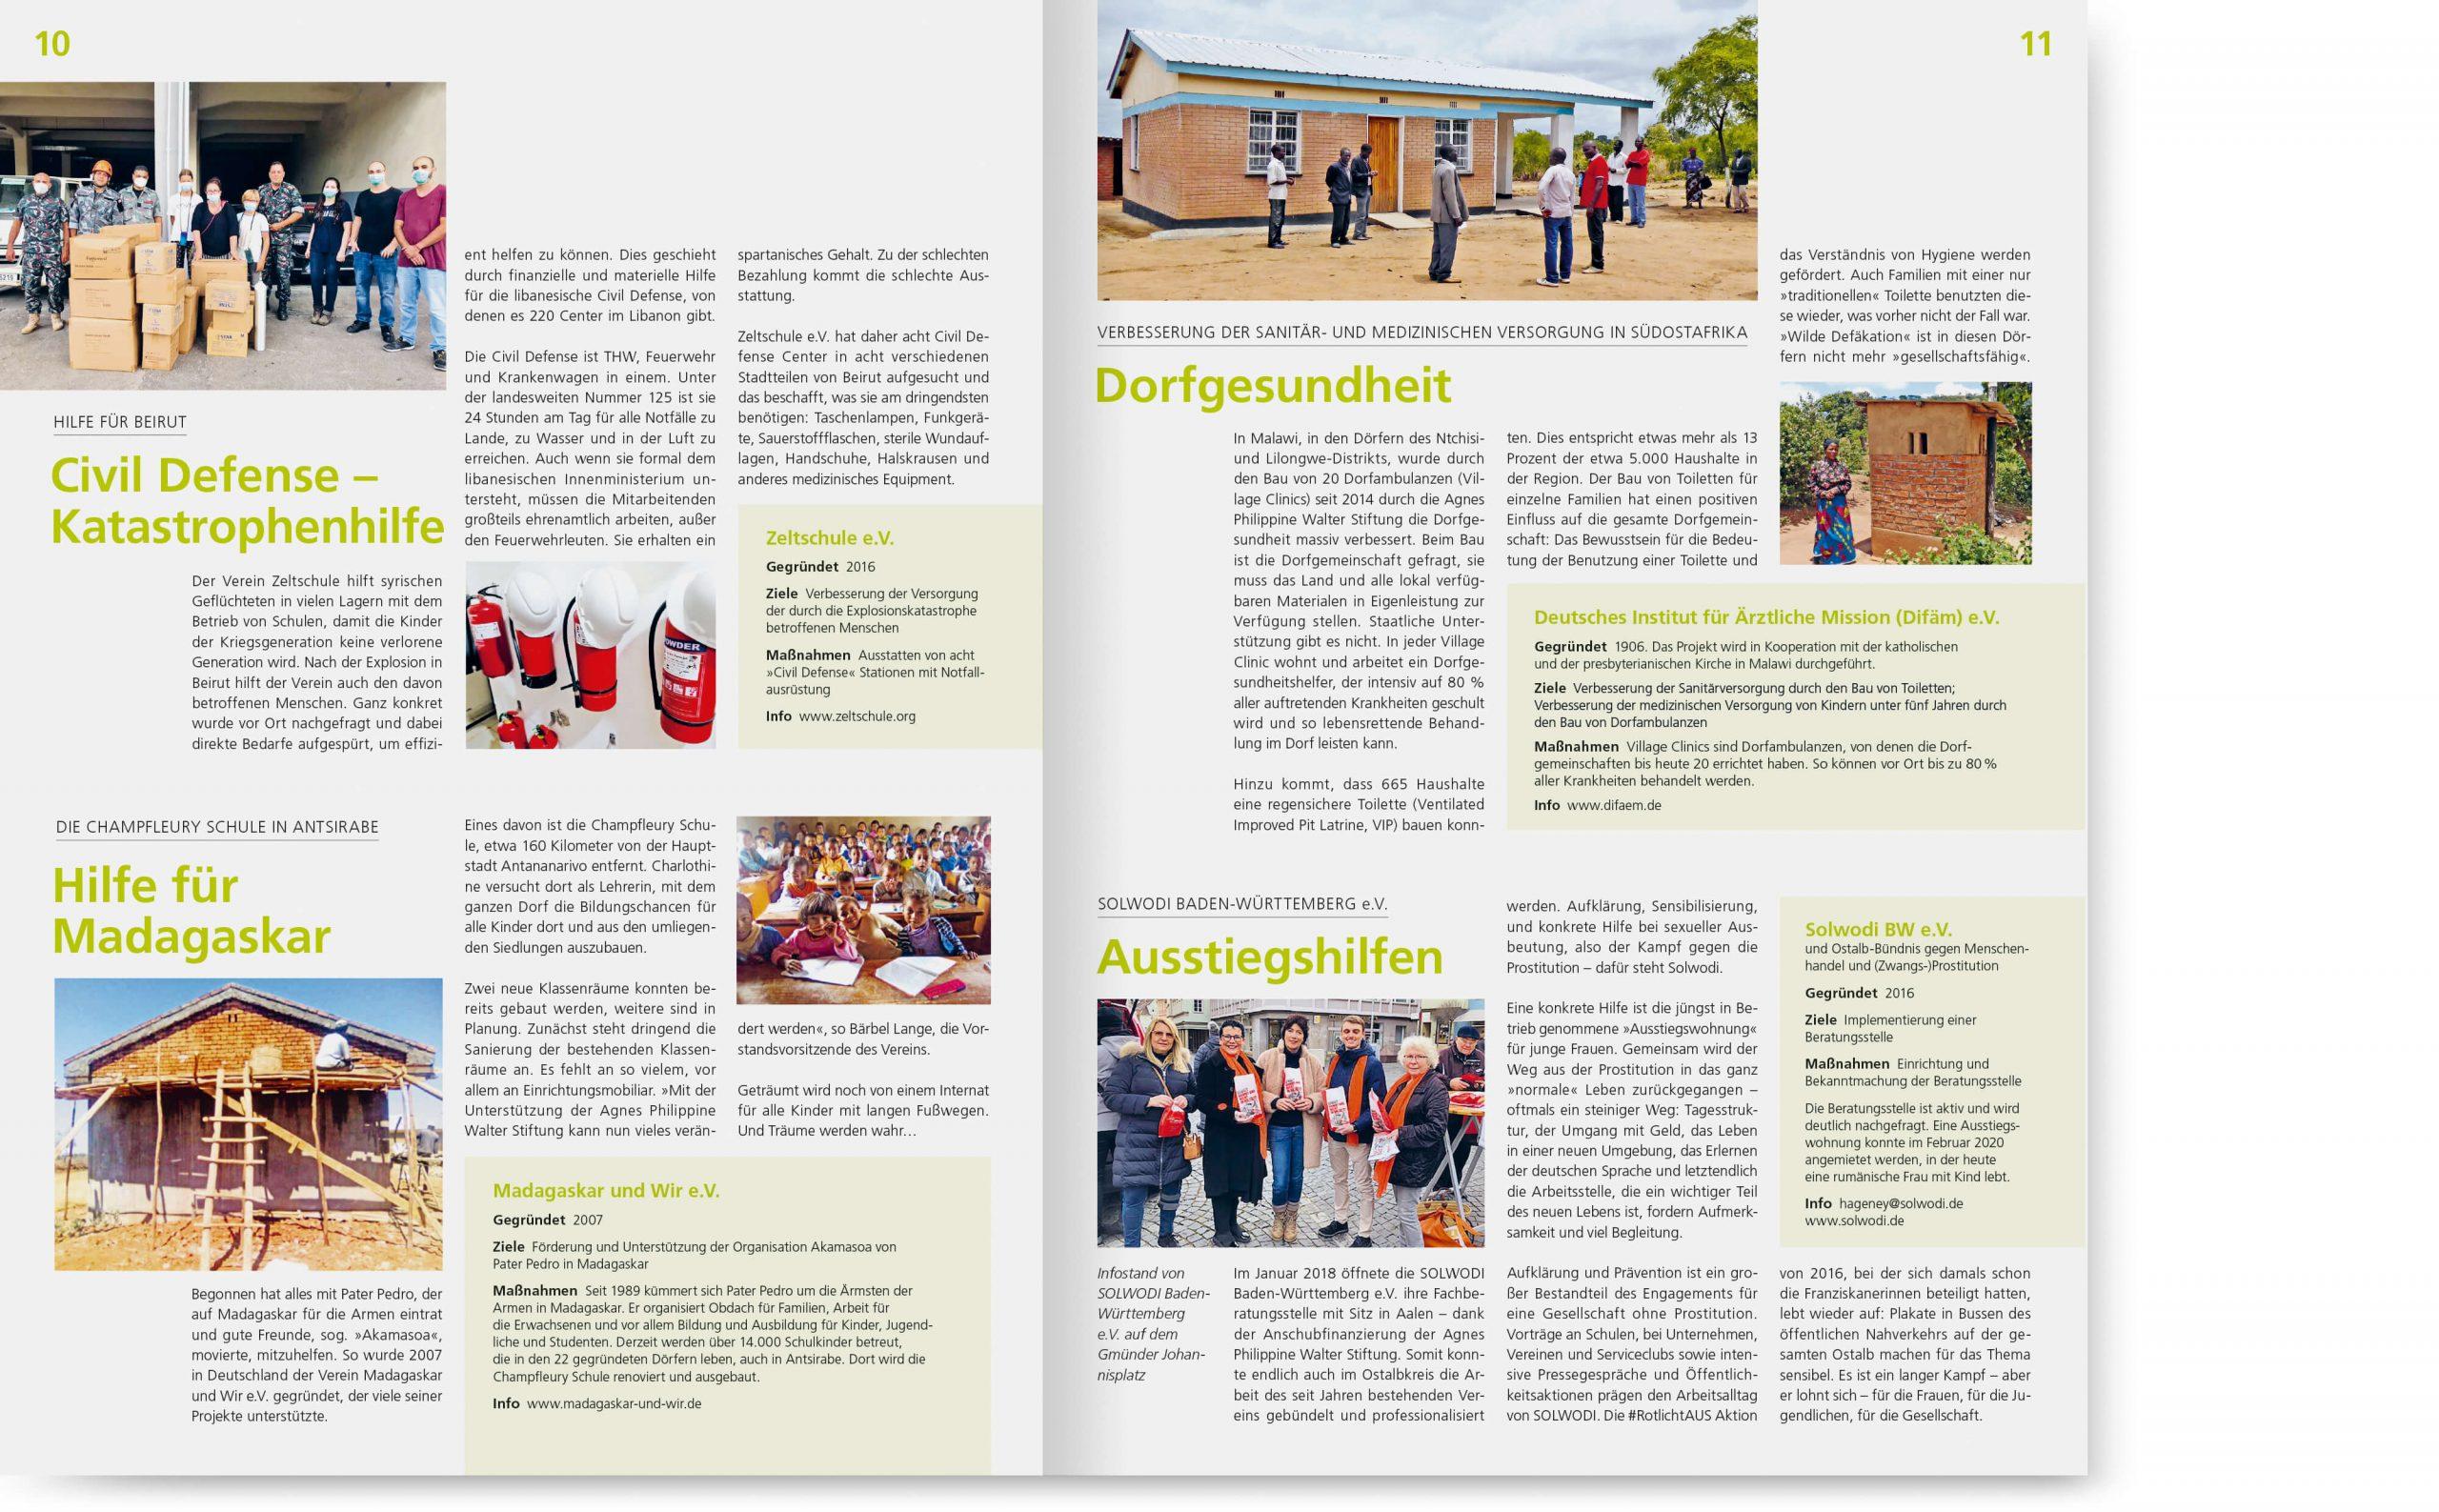 fh-web-APWS-Stiftungsbrief-2020-6-scaled.jpg